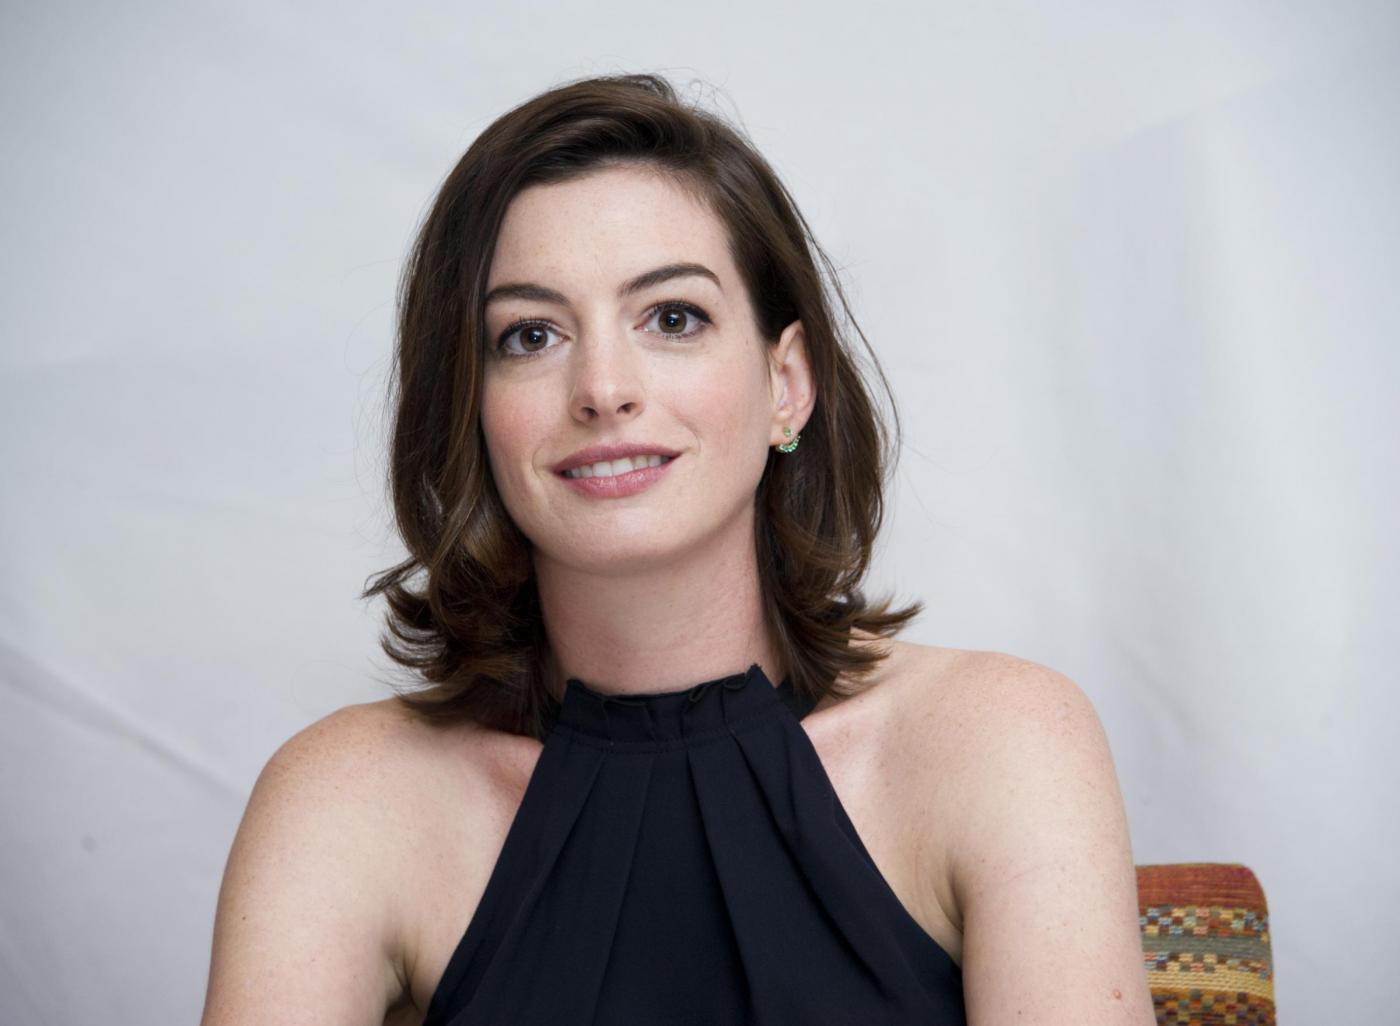 Anne Hathaway elegante per il photocall del film The intern FOTO 17